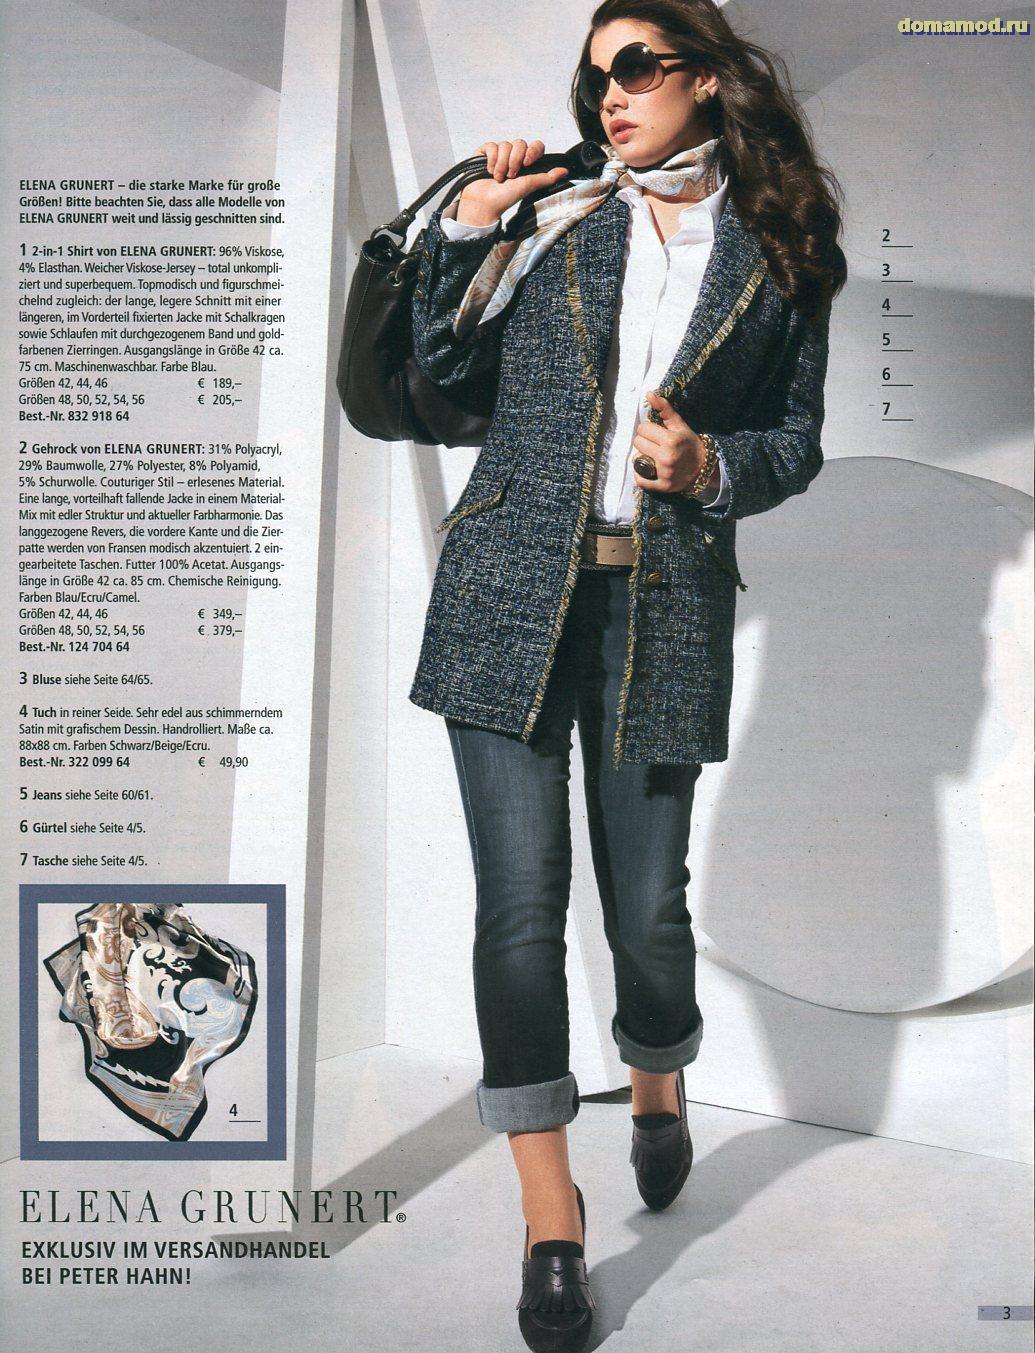 Магазины женской одежды. Куплю верхнюю одежду Новые коллекции